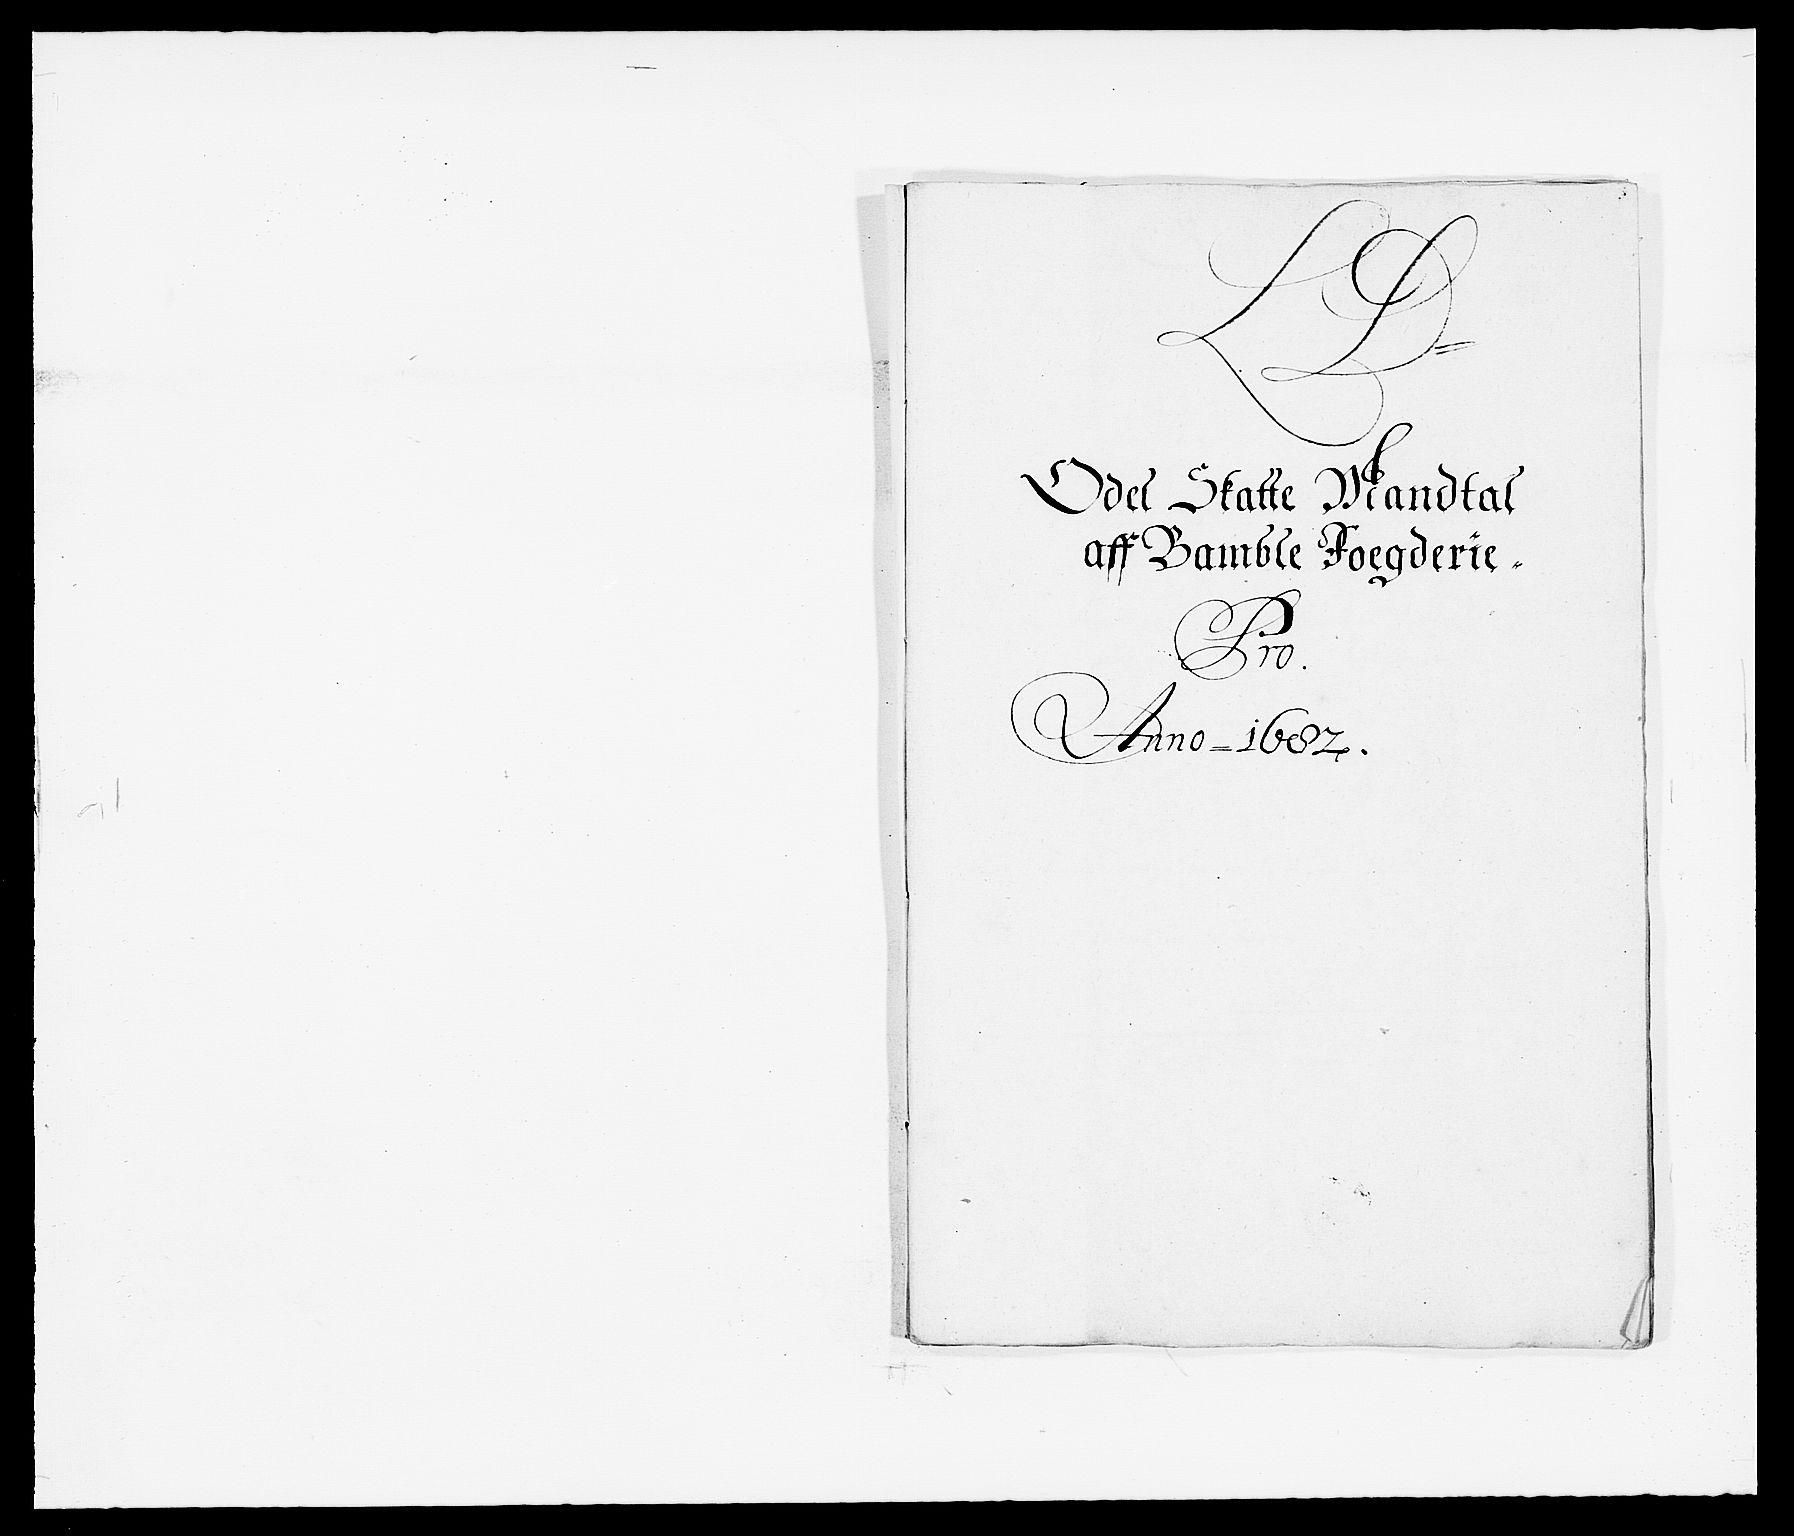 RA, Rentekammeret inntil 1814, Reviderte regnskaper, Fogderegnskap, R34/L2046: Fogderegnskap Bamble, 1682-1683, s. 120